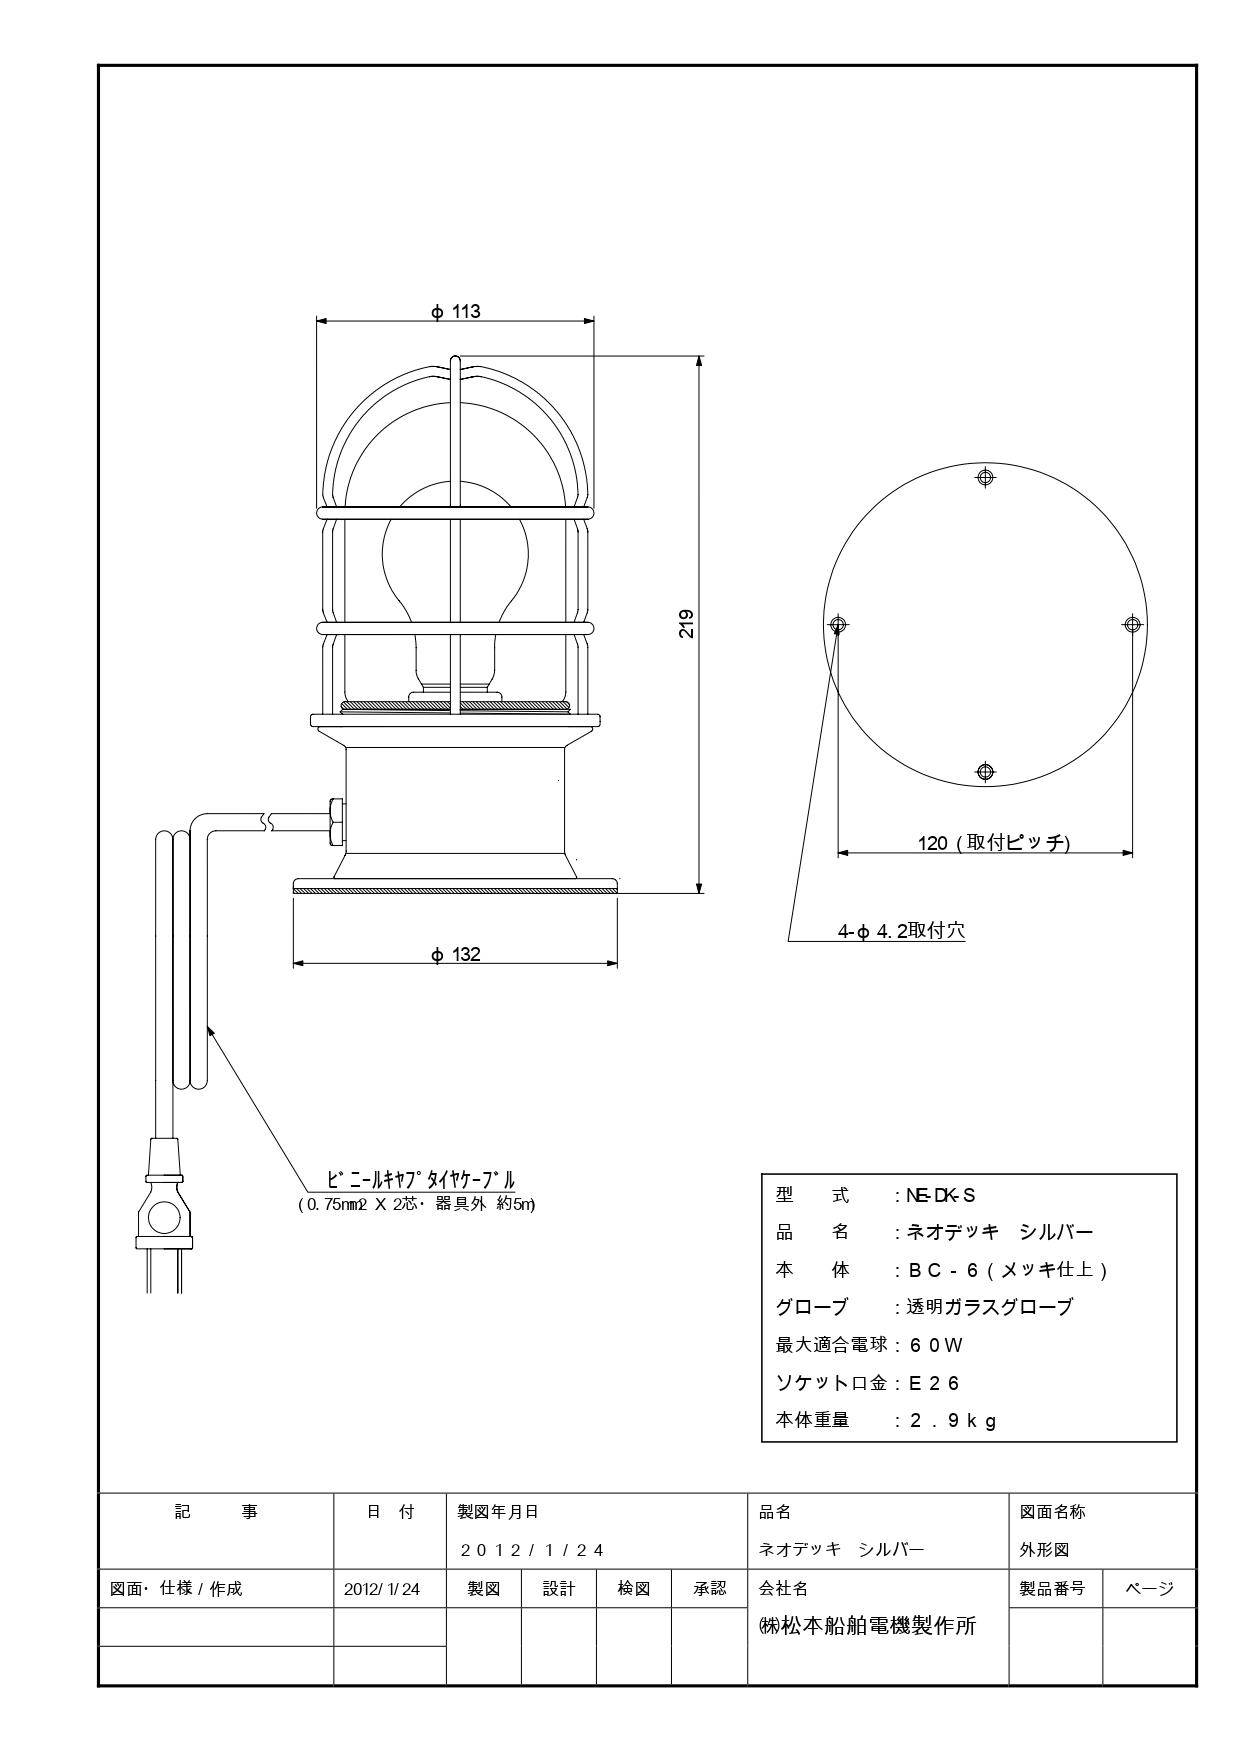 ネオデッキライト 施工説明書_page-0005